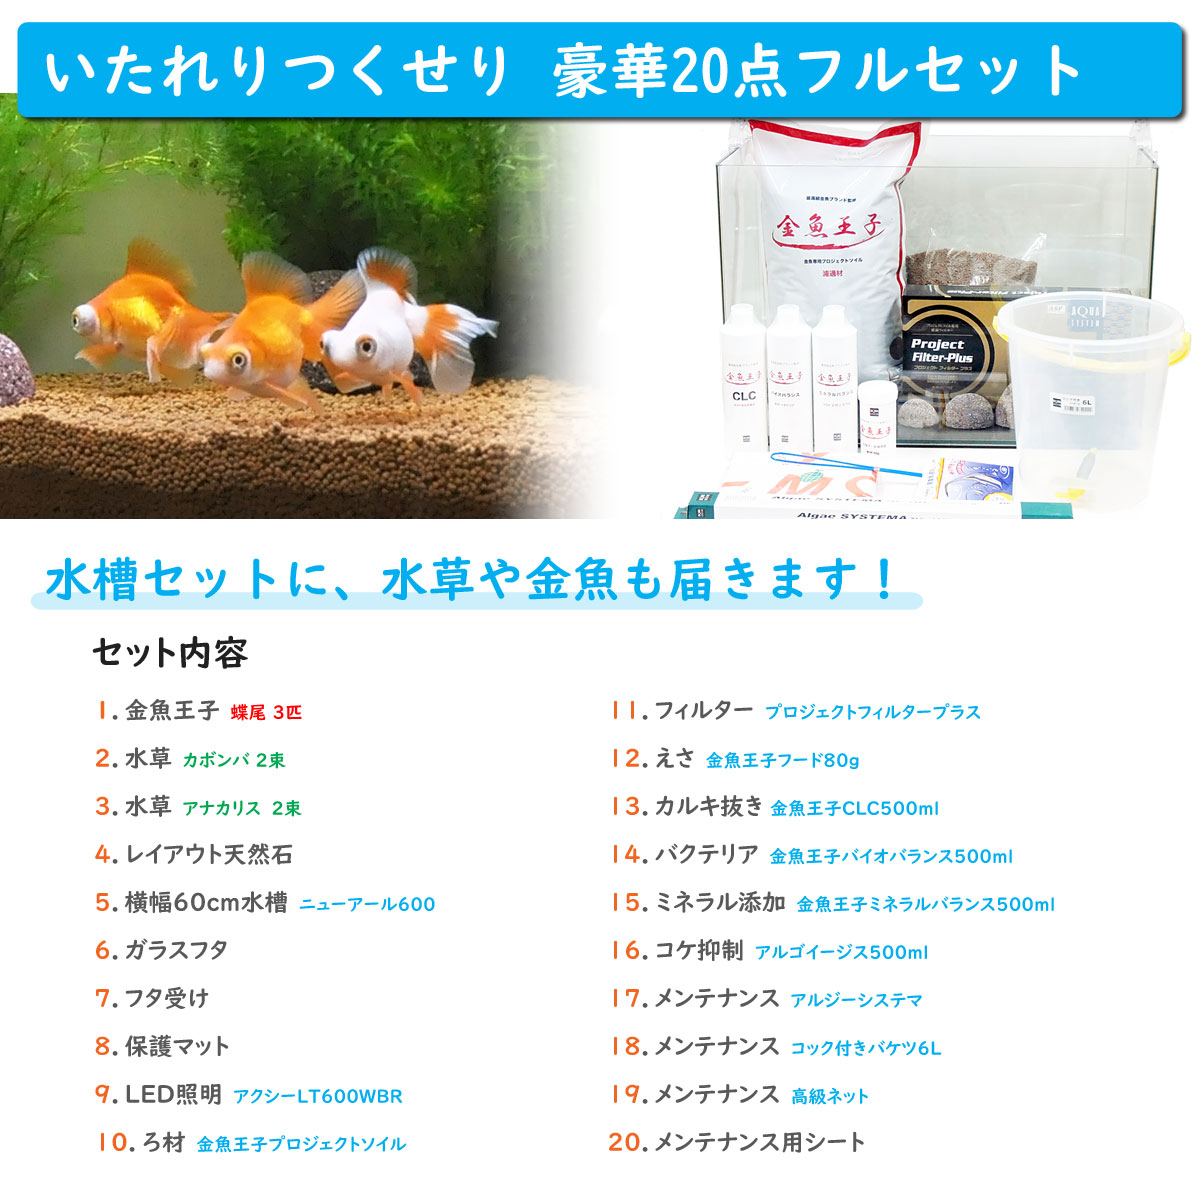 金魚王子 ホームアクアリウムオールセット 金魚:蝶尾 60cm水槽 飼育に必要なもの全てお届け 家族の団欒 インテリア 癒しに